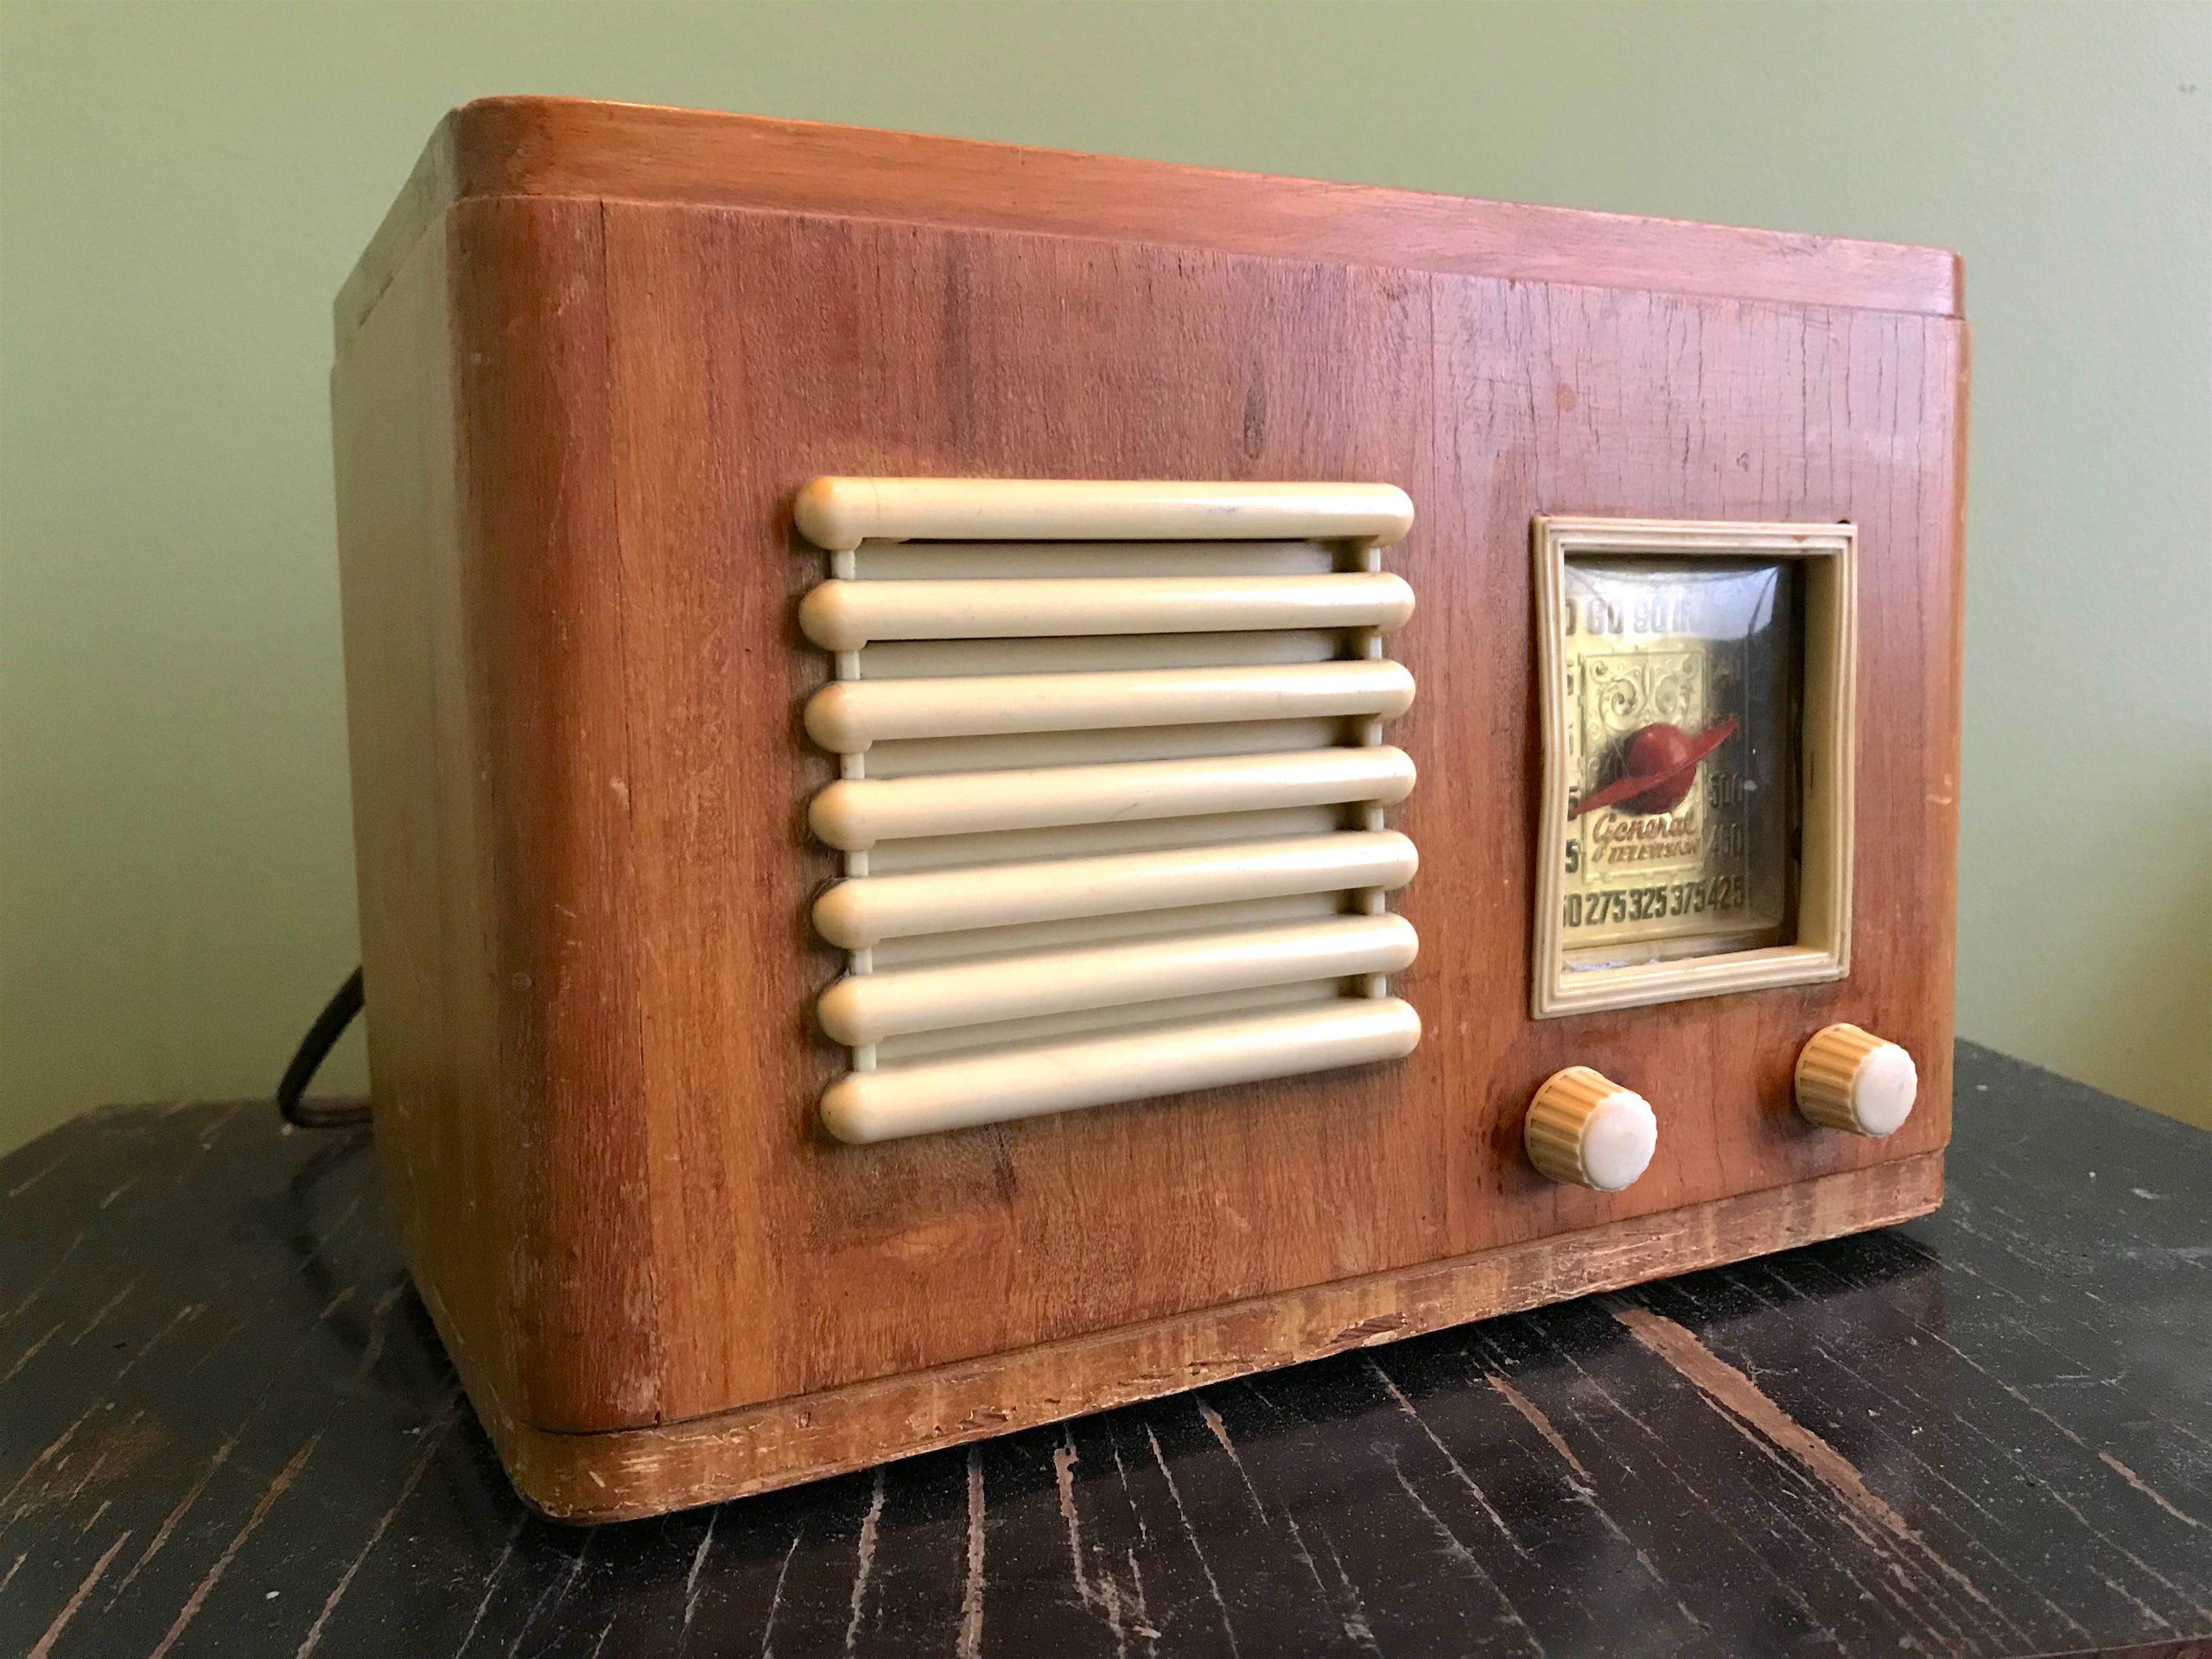 General Television & Radio Corp., est. 1932